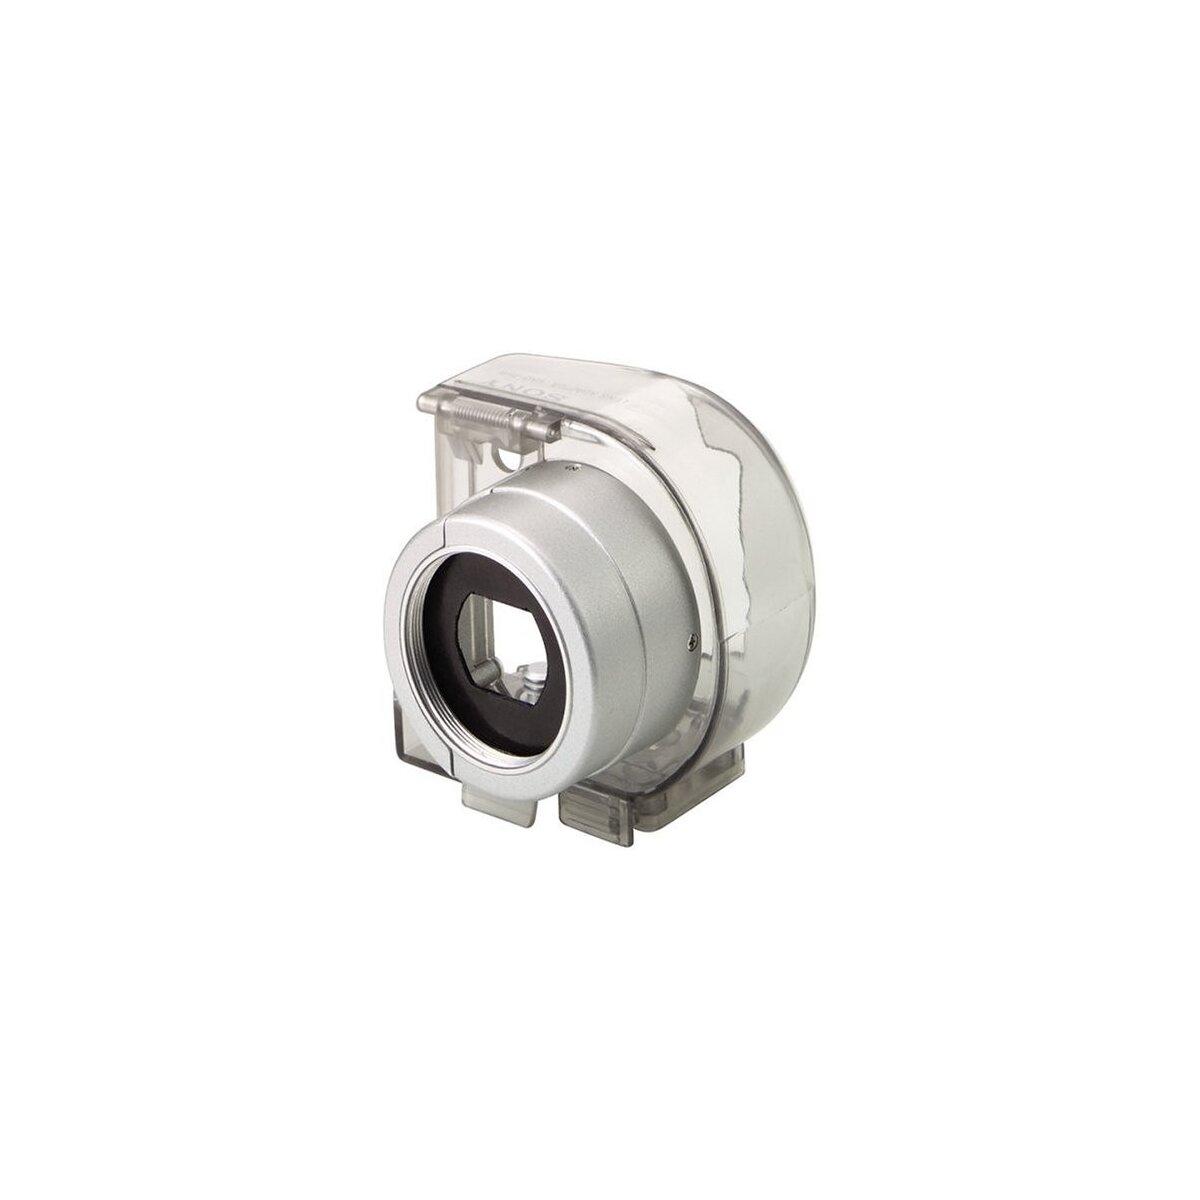 Sony VAD-PHB fuer DSC-P150, DSC-P120 und DSC-P100